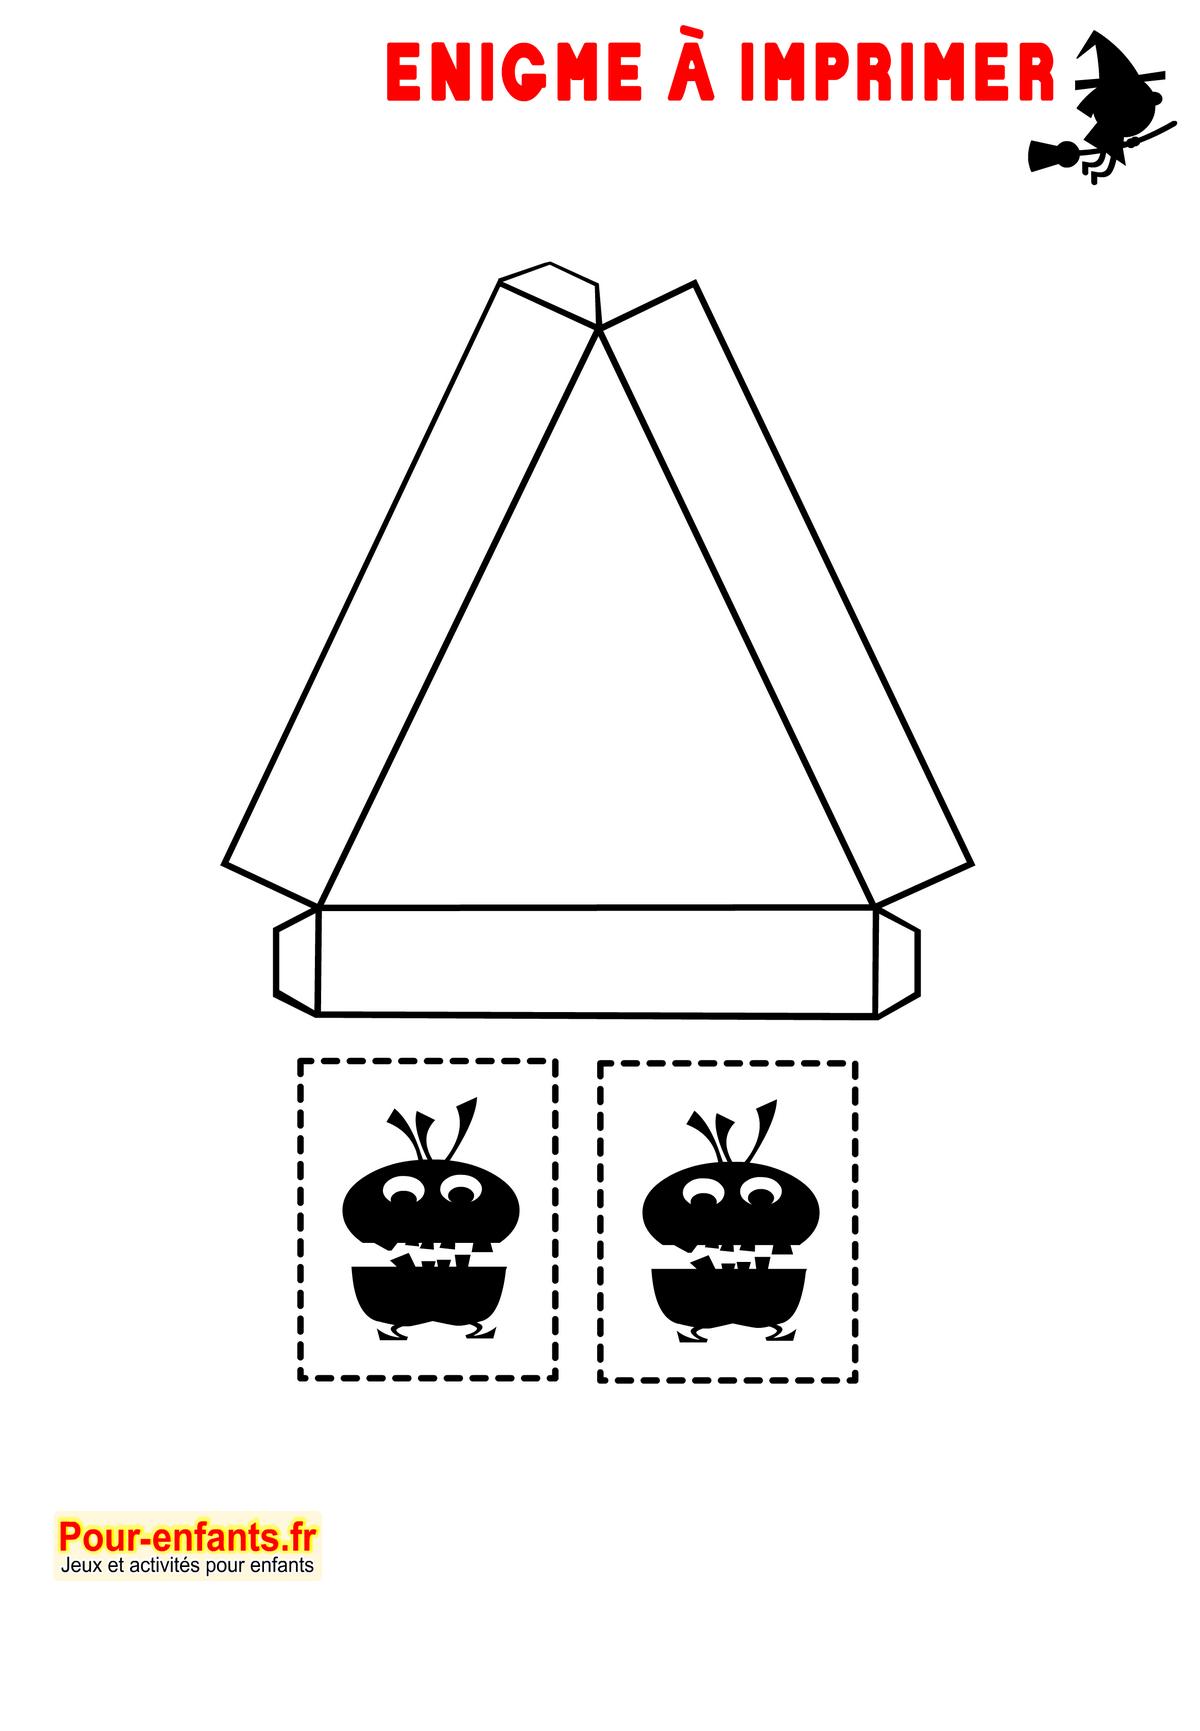 Enigmes Idées Activités Jeux À Imprimer Halloween Bricolage encequiconcerne Jeux D Halloween Gratuit